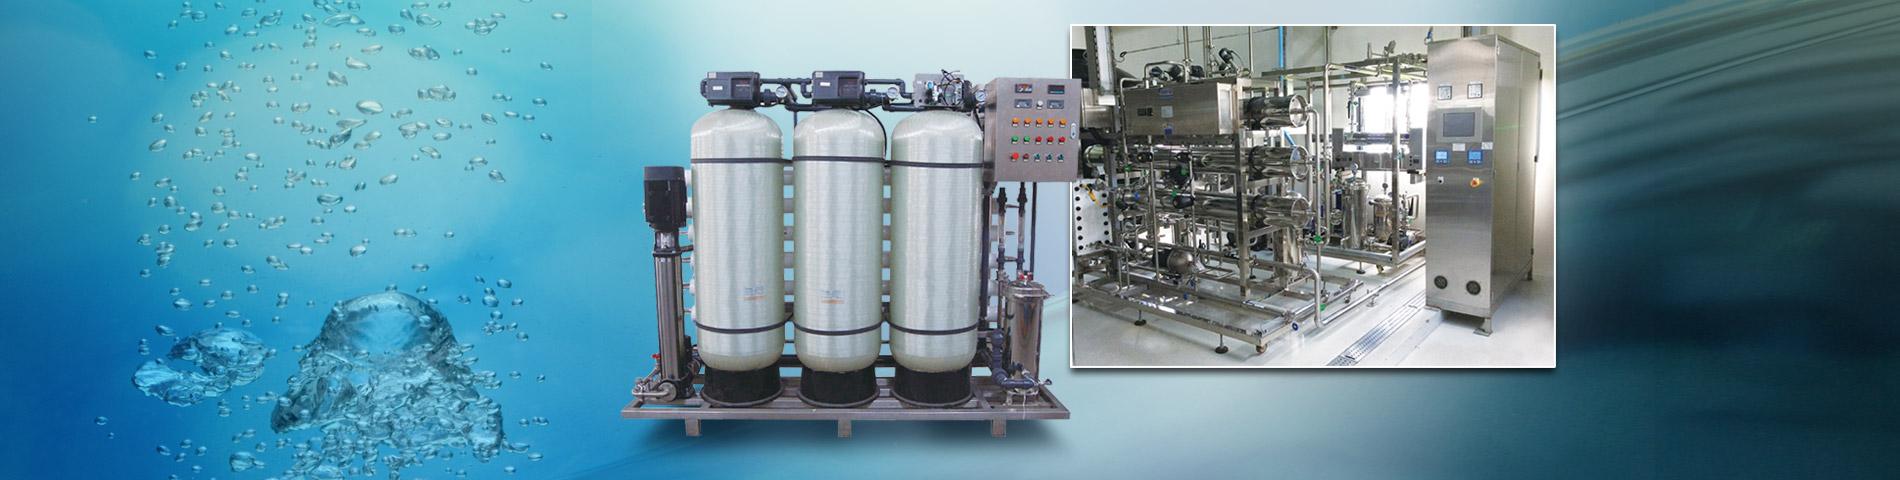 পানির ব্যাবস্থা    (WFI, RO + EDI)